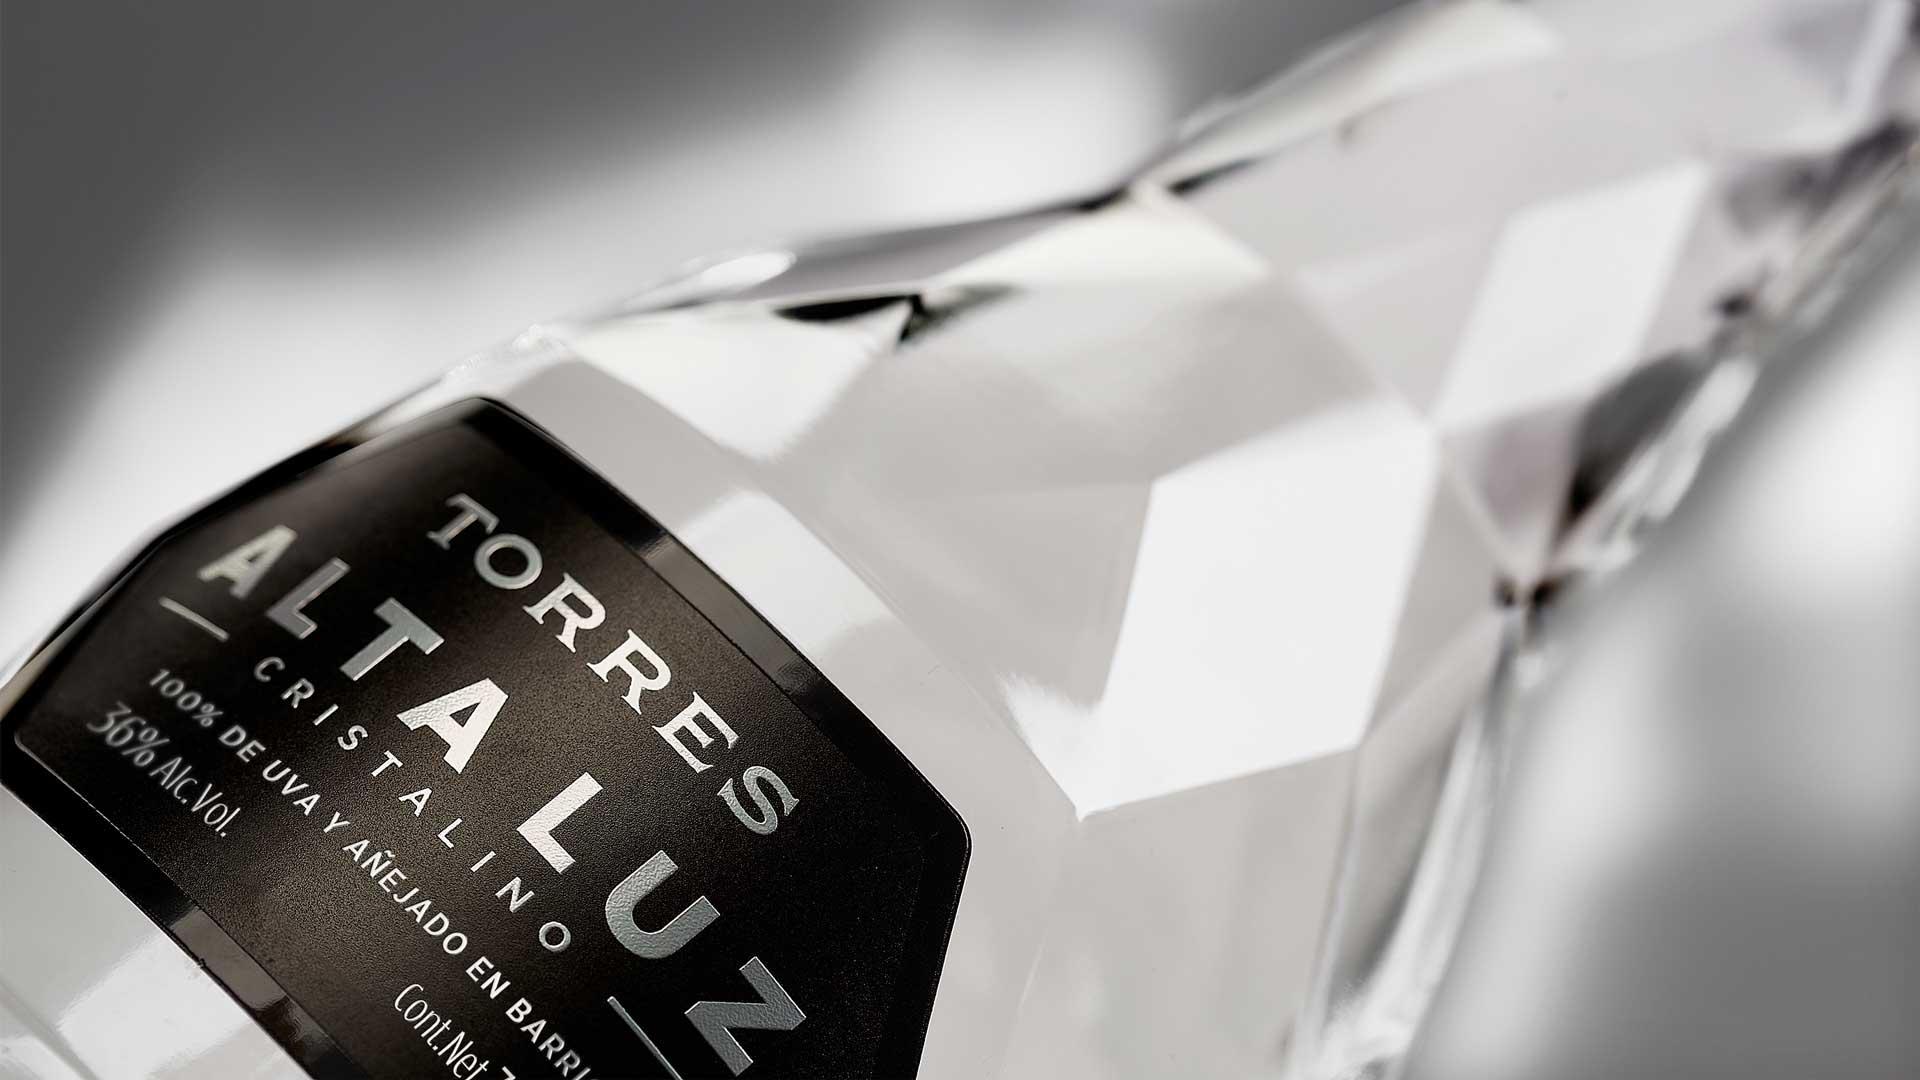 Bottiglia-del-primo-brandy-cristalino-Robilant-Associati-Coqtail-Milano